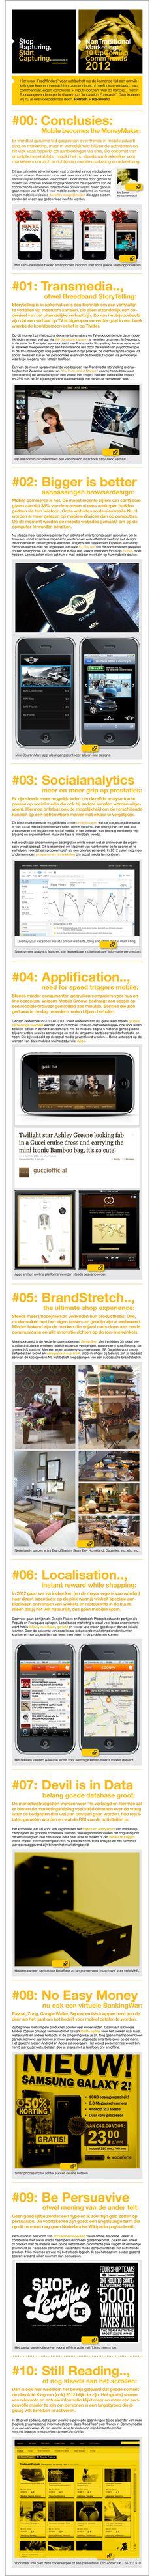 TrendTree®: De 10 Upcoming MarketingTrends in NL 2012. Laat je inspireren door 10 nieuwe mogelijkheden om je merk of bedrijf nog succesvoller te maken. Refresh!